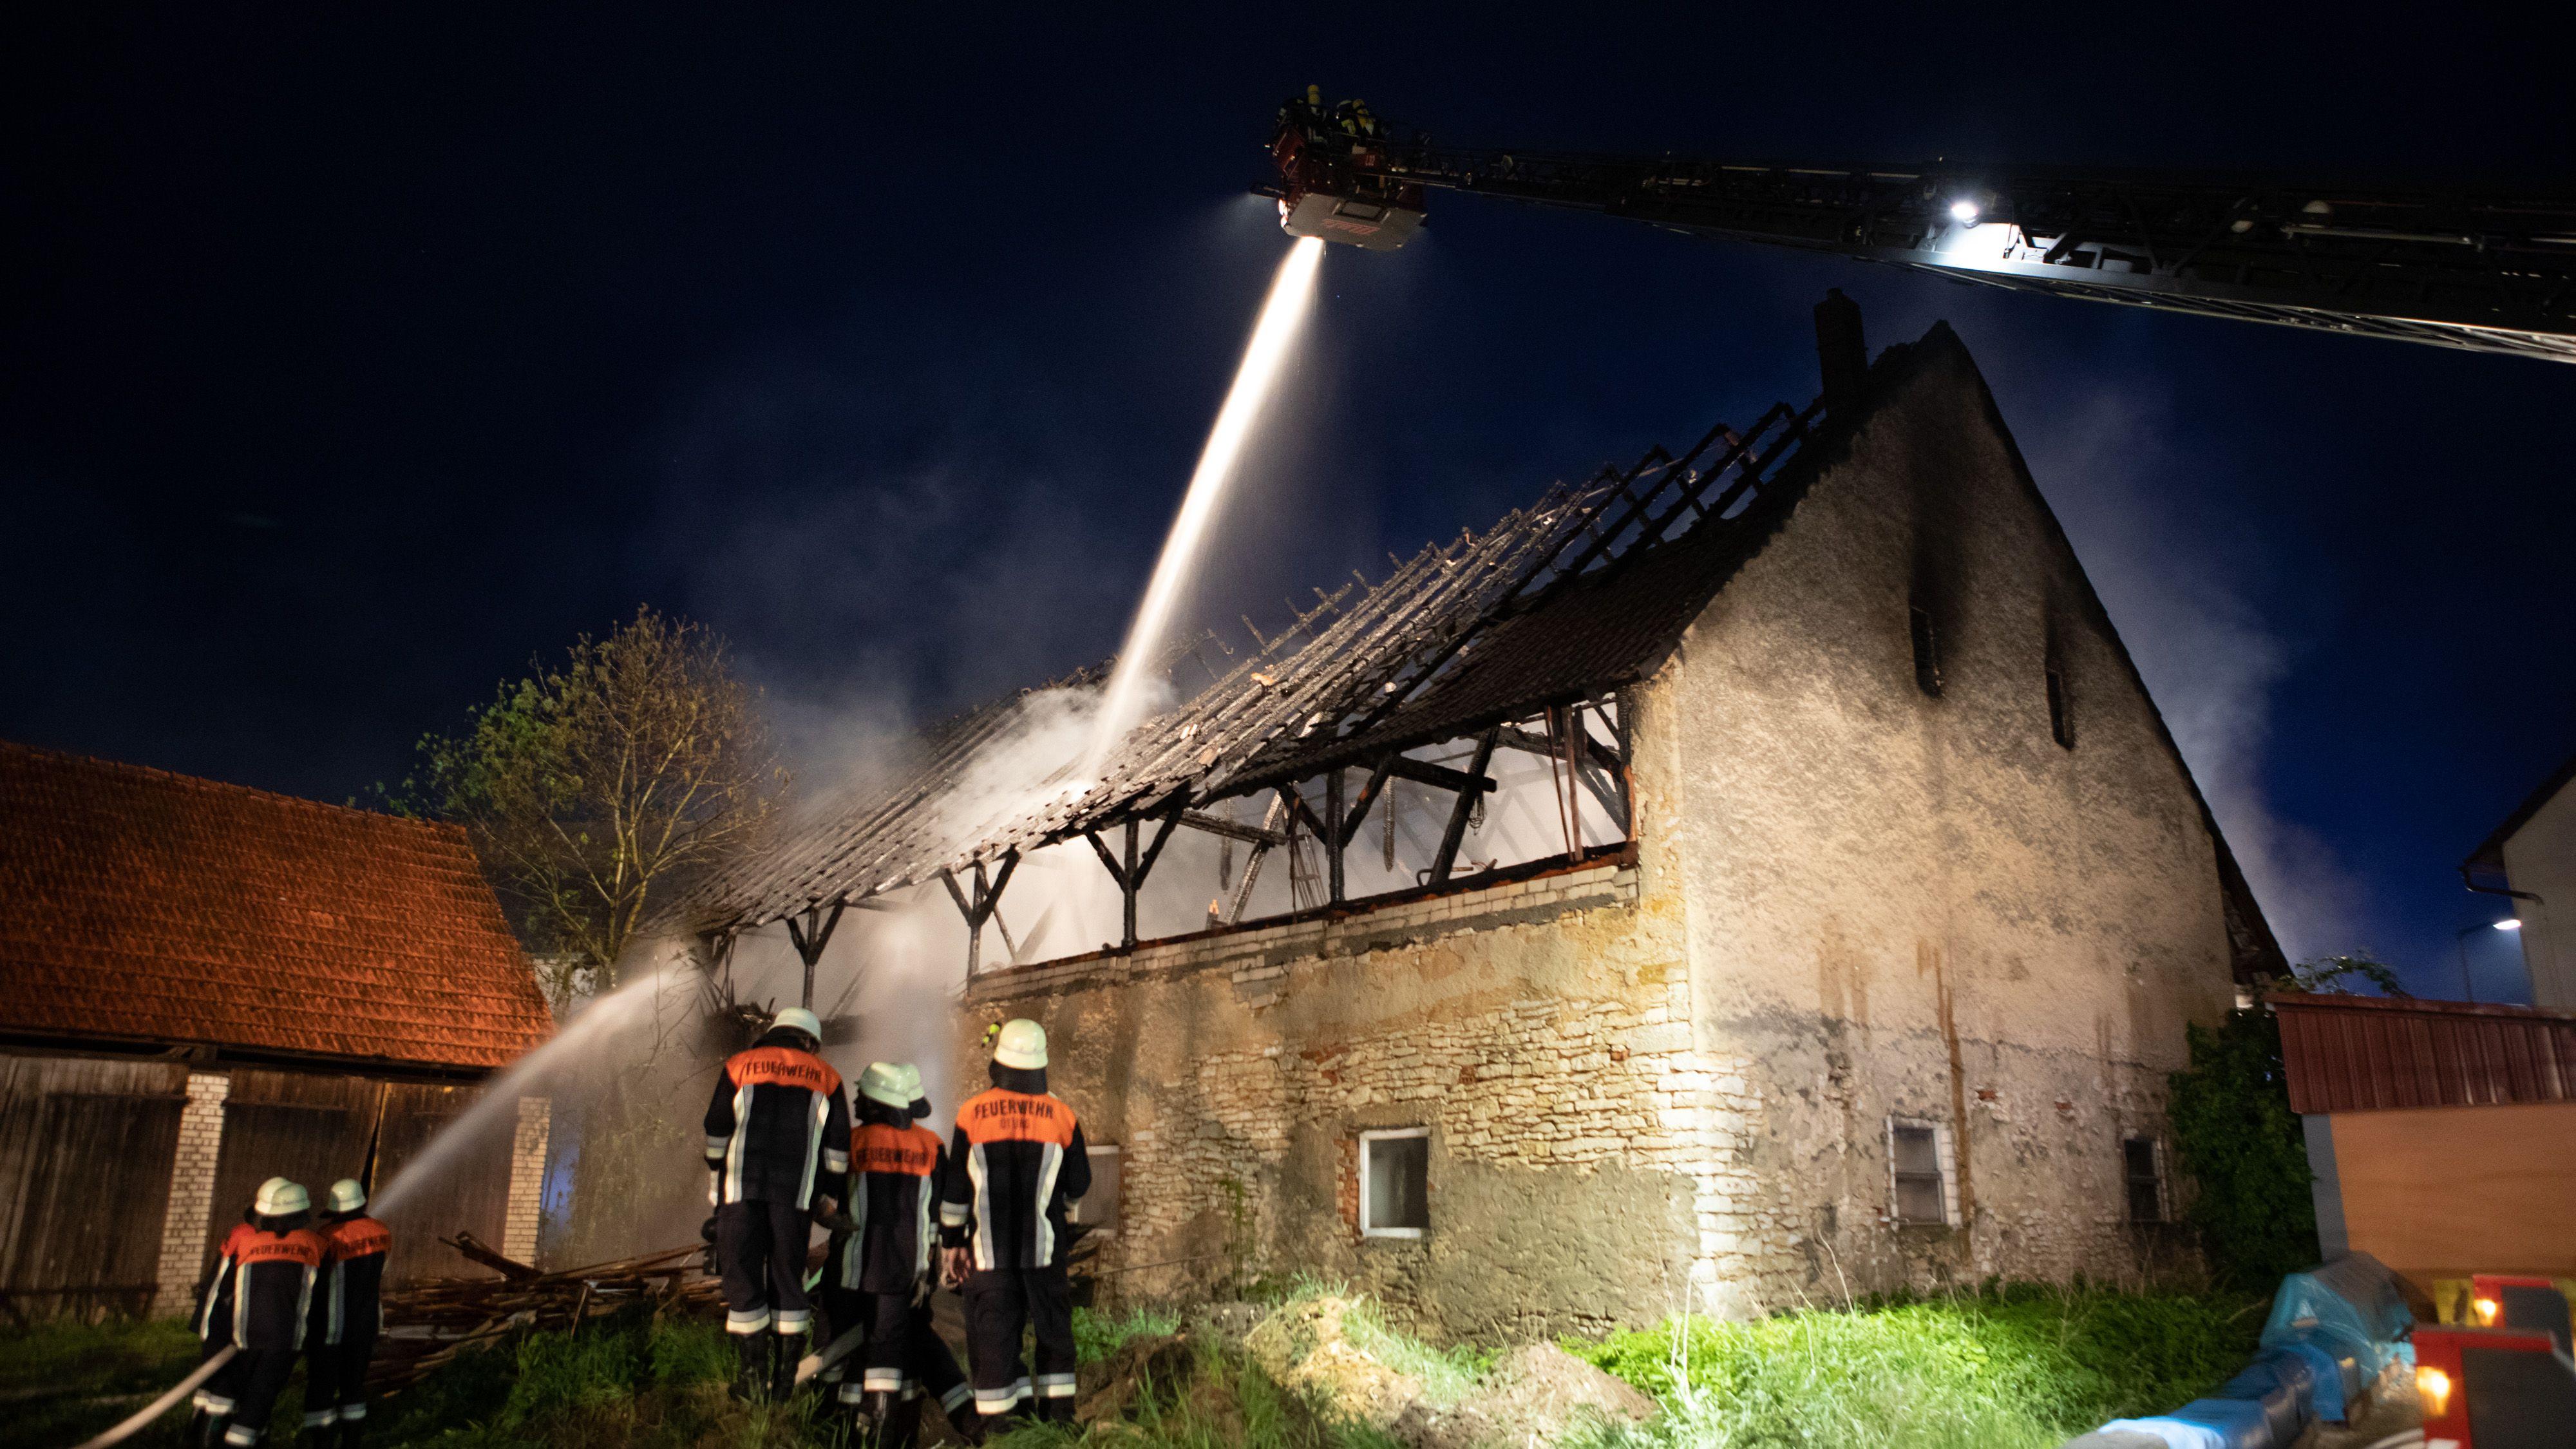 Löscheinsatz bei Scheunenbrand in Nordschwaben